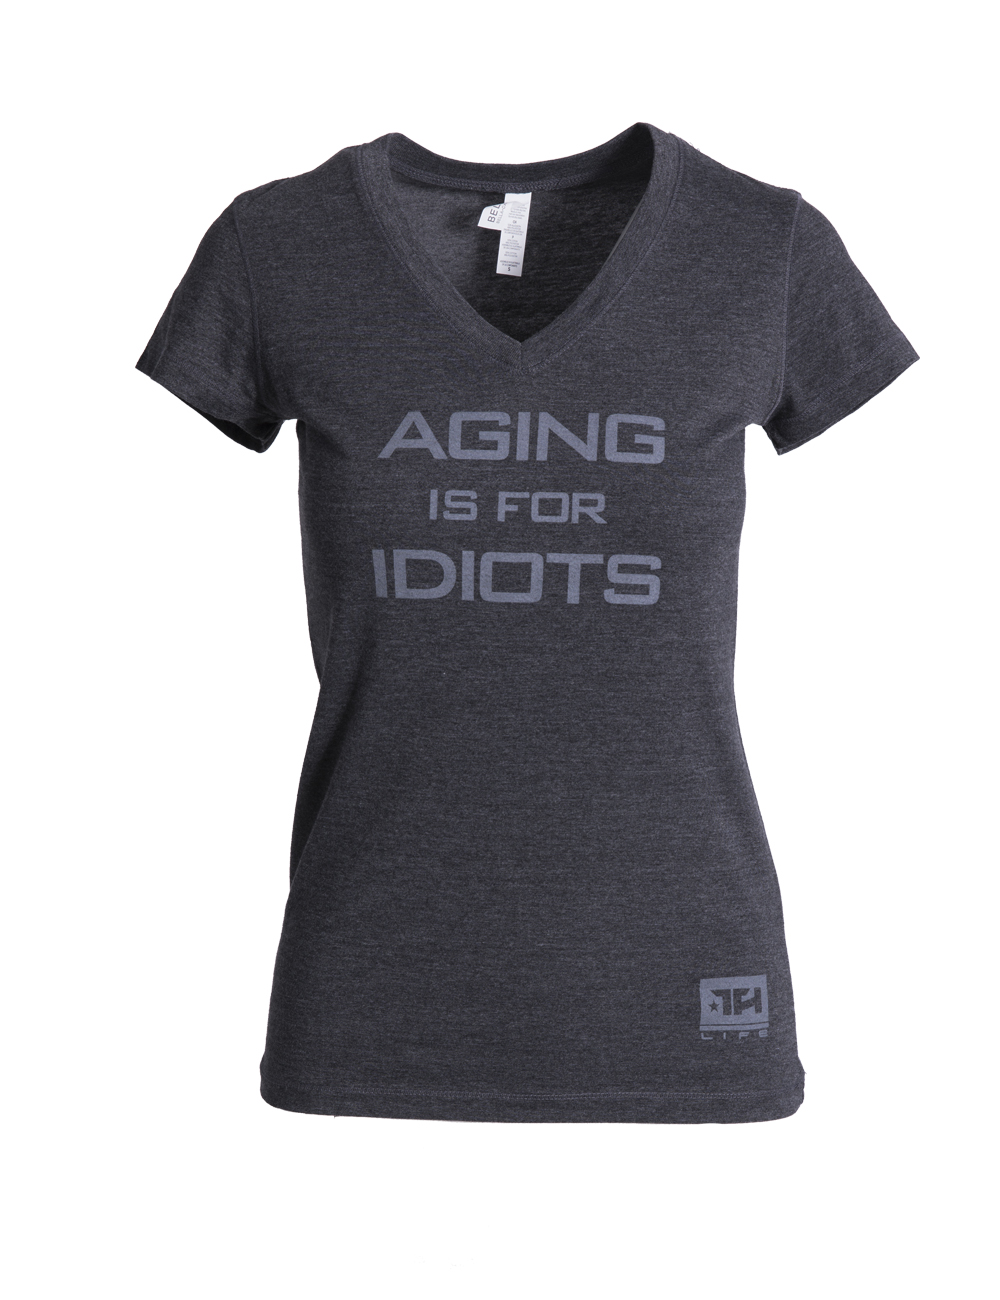 Womens_Aging.jpg